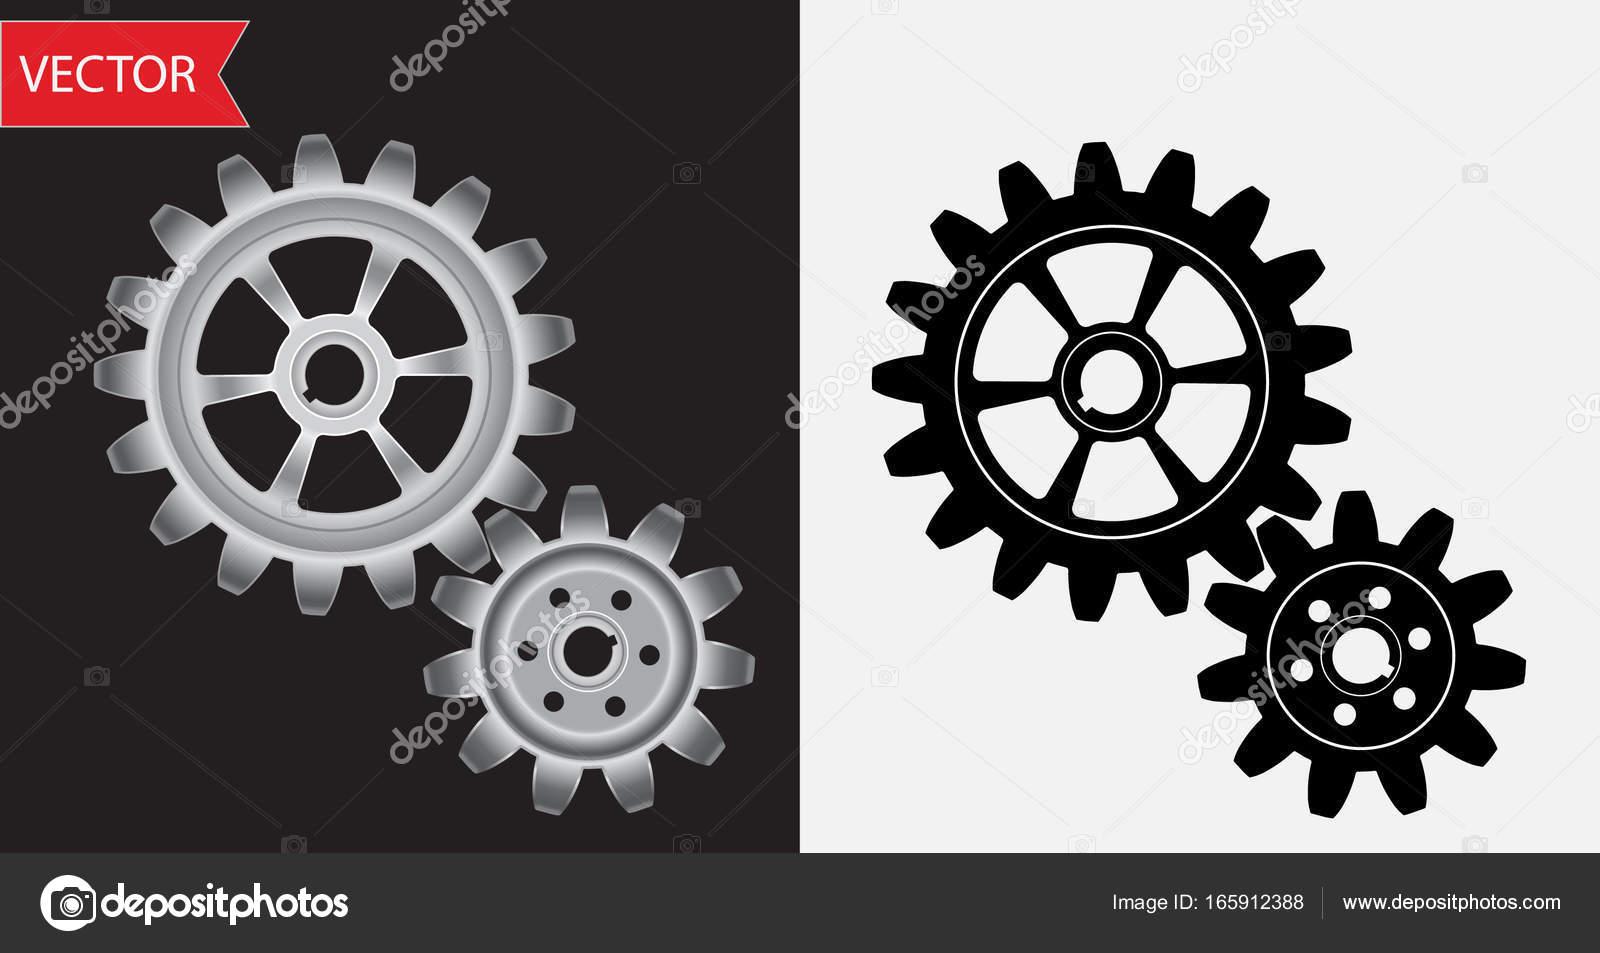 Engranajes De Vector De Colores Plata Y Negros Metálicos